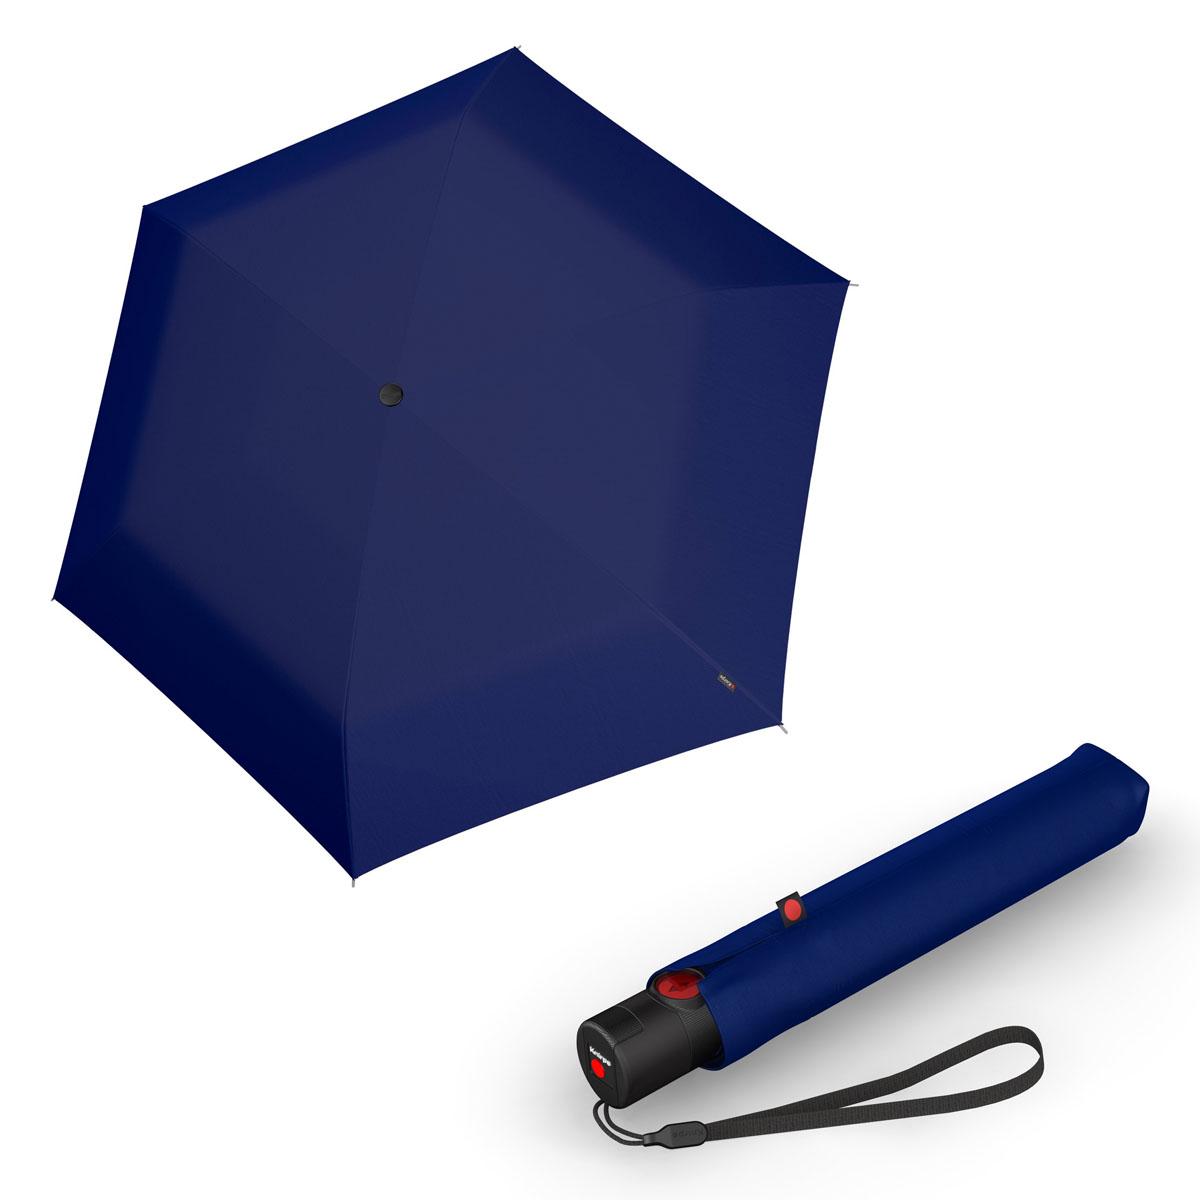 Knirps Ultra U.200 Medium Duomatic - unisex plně-automatický deštník tmavě modrá